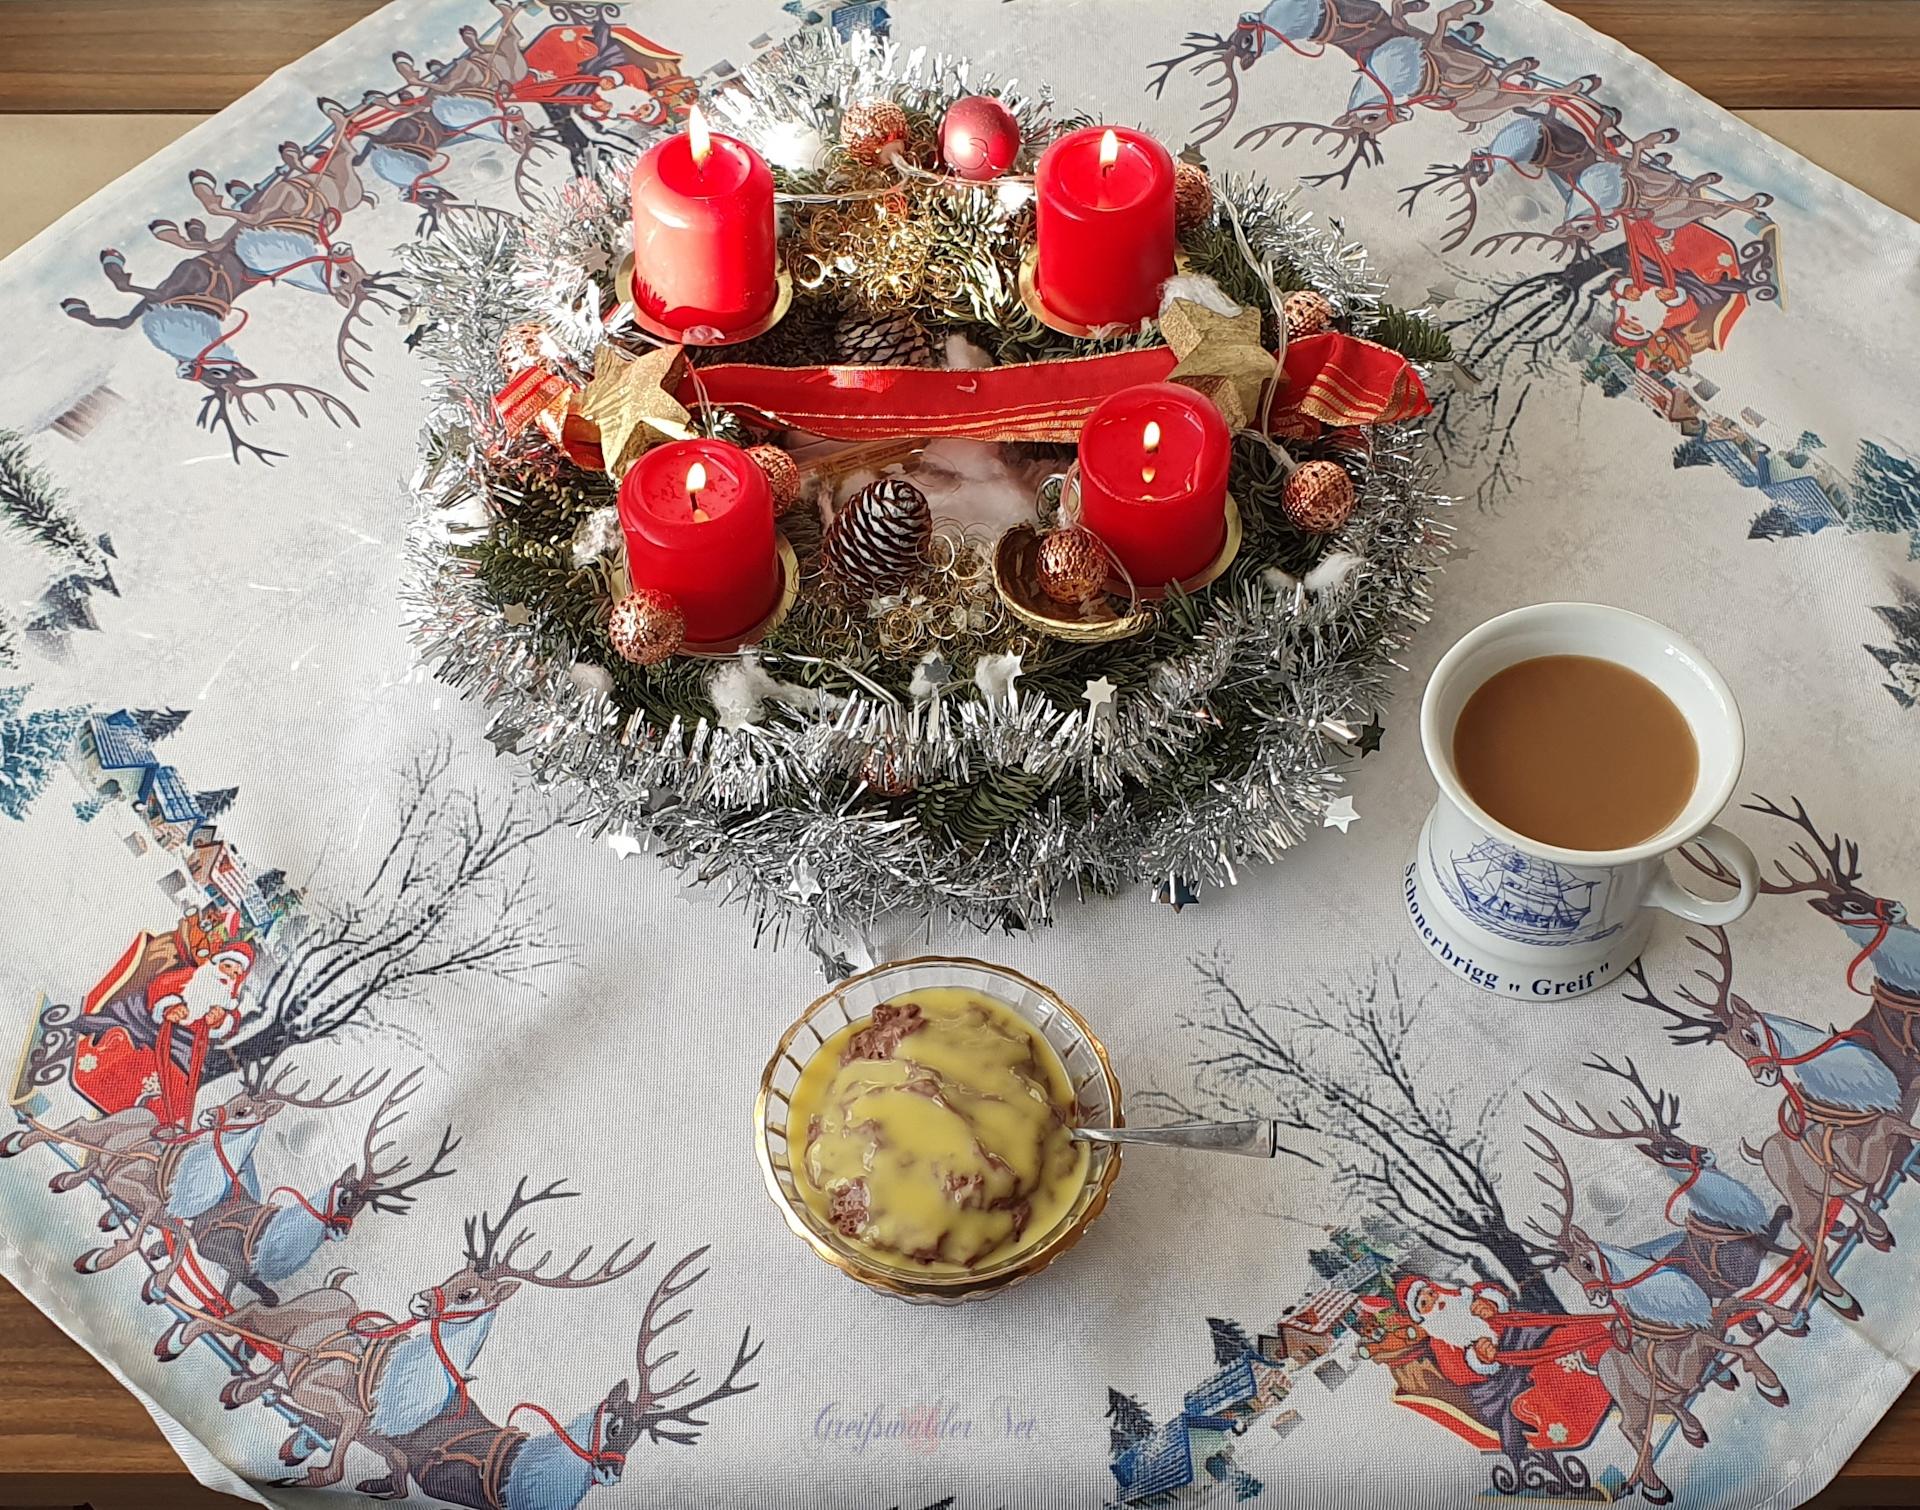 Festtagsessen am 1. Weihnachtsfeiertag, Schokopudding mit Eierlikör, dazu ein Kaffee